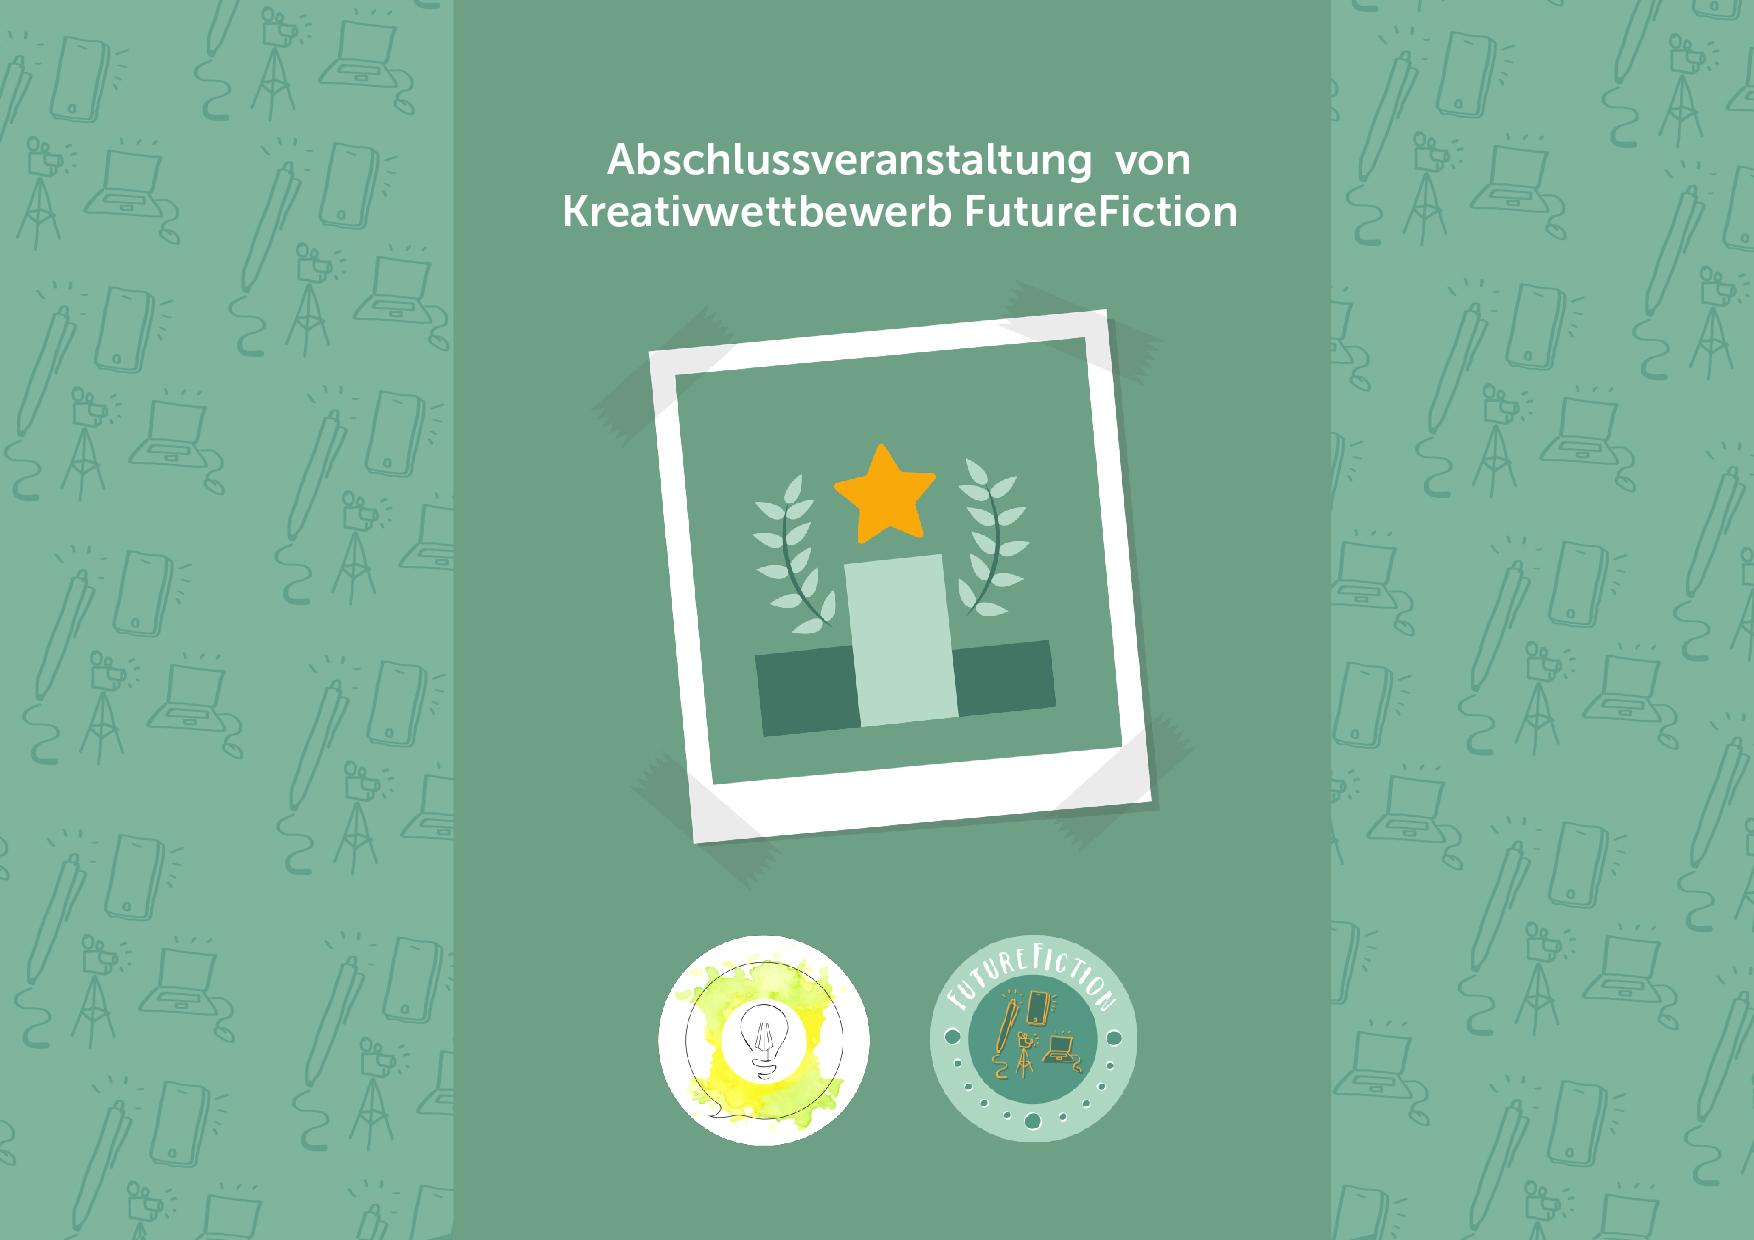 Preisverleihung des Future Fiction Kreativwettbewerb - Geschichten und Videos für eine positive Zukunft